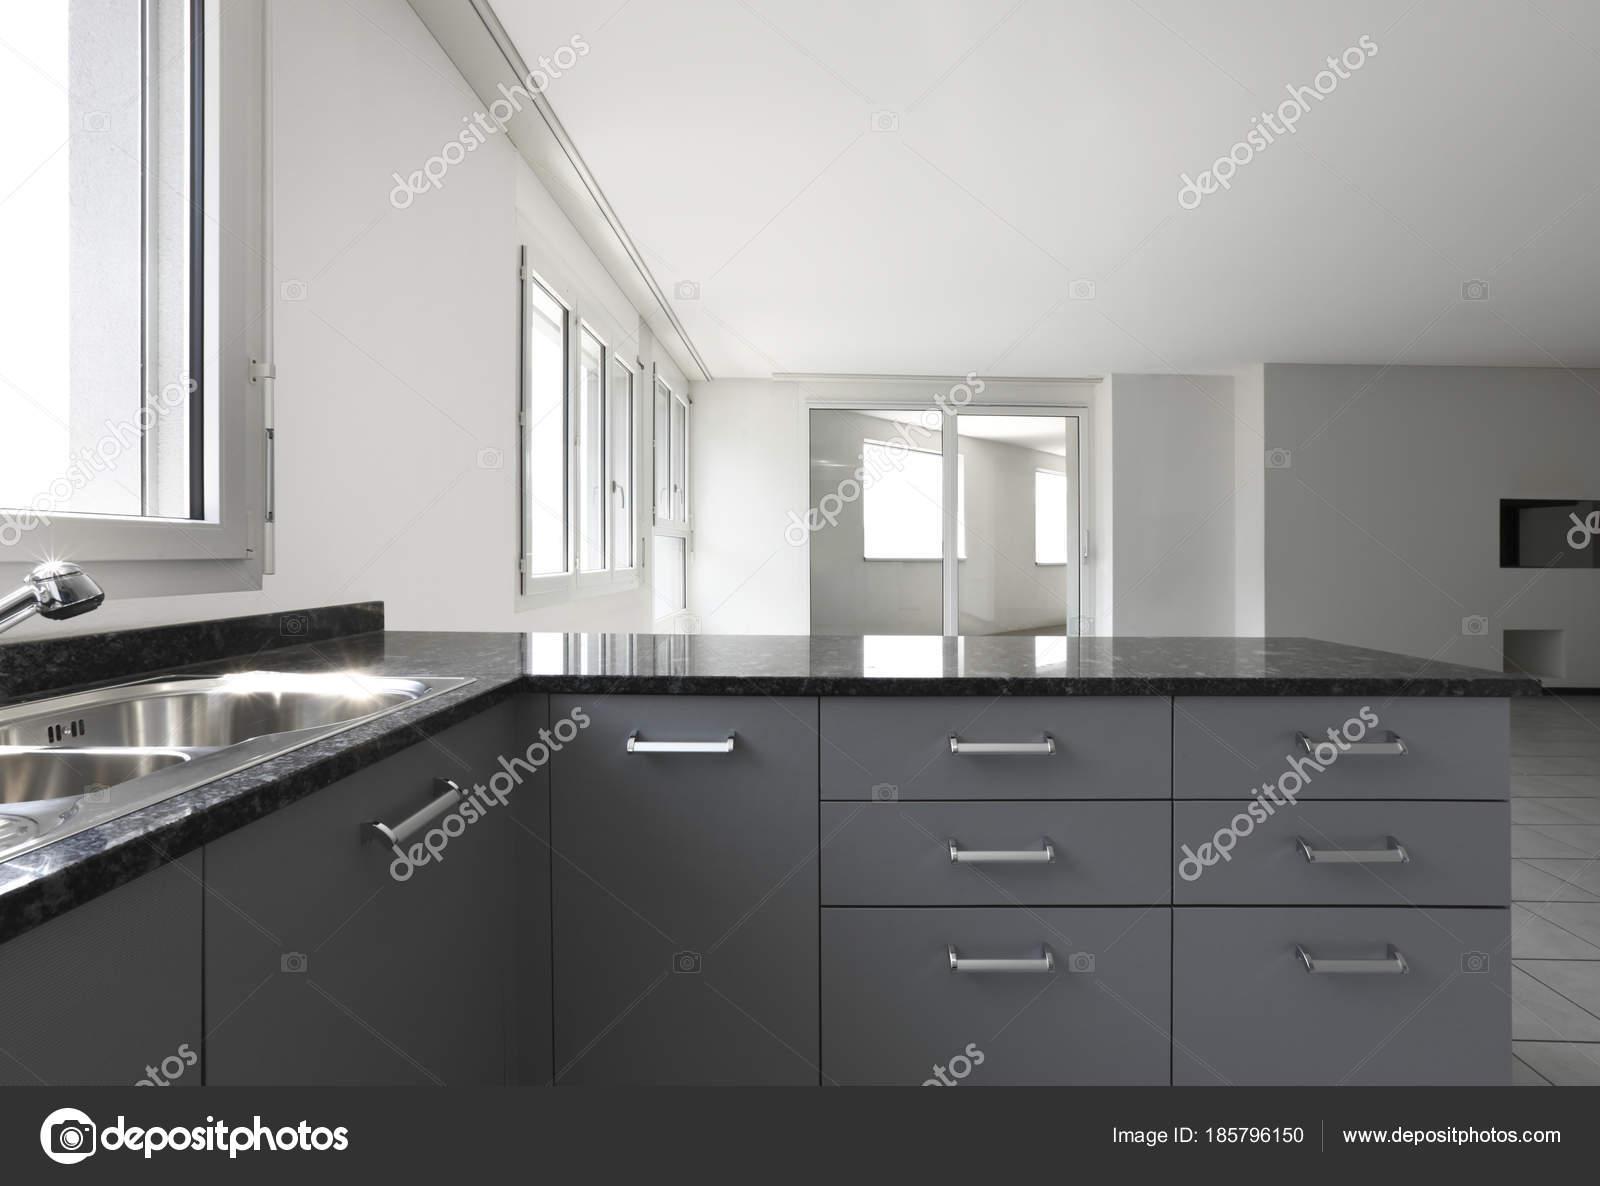 Modern Keuken Schiereiland : Moderne woning met keuken schiereiland u2014 stockfoto © zveiger #185796150